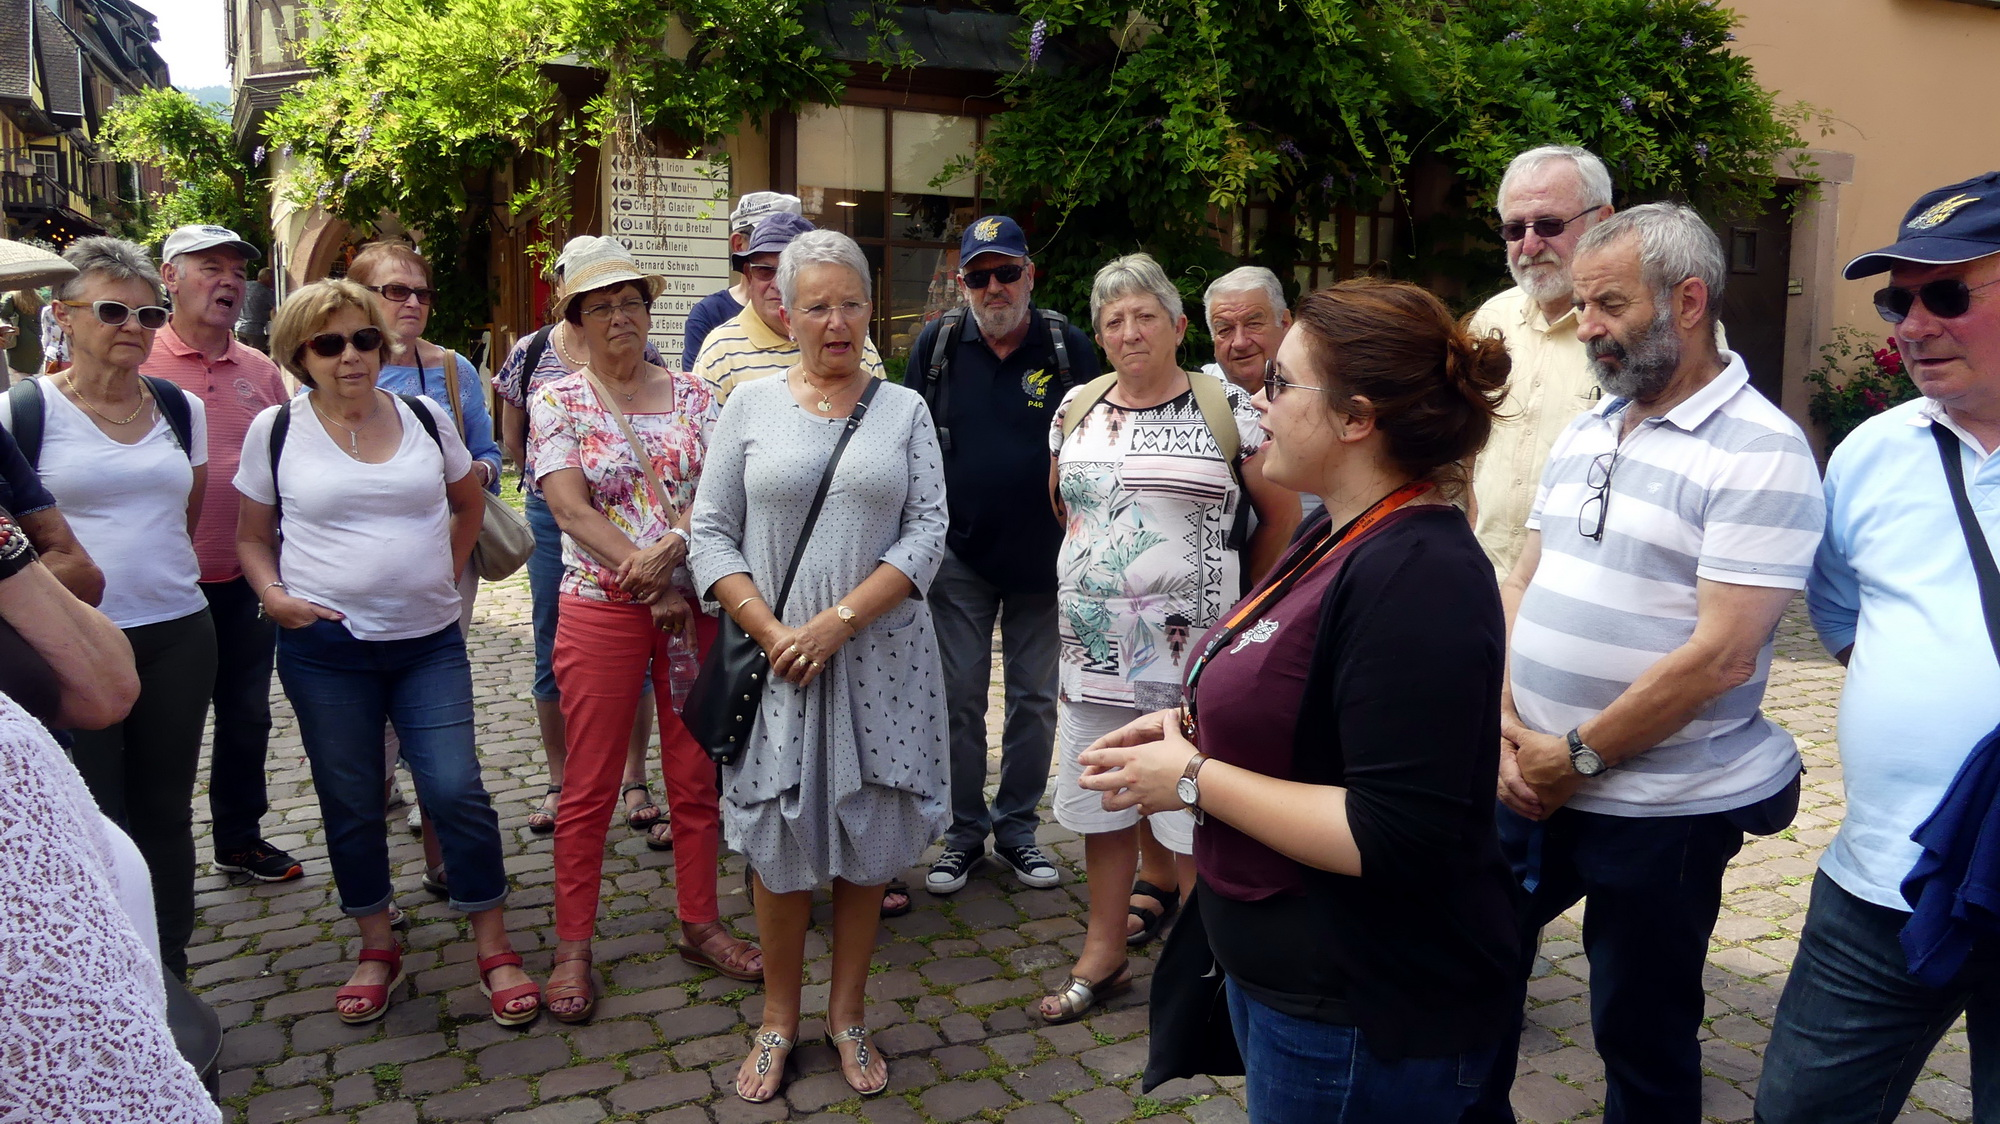 Les P46 en Alsace pour leur 55ème anniversaire 30